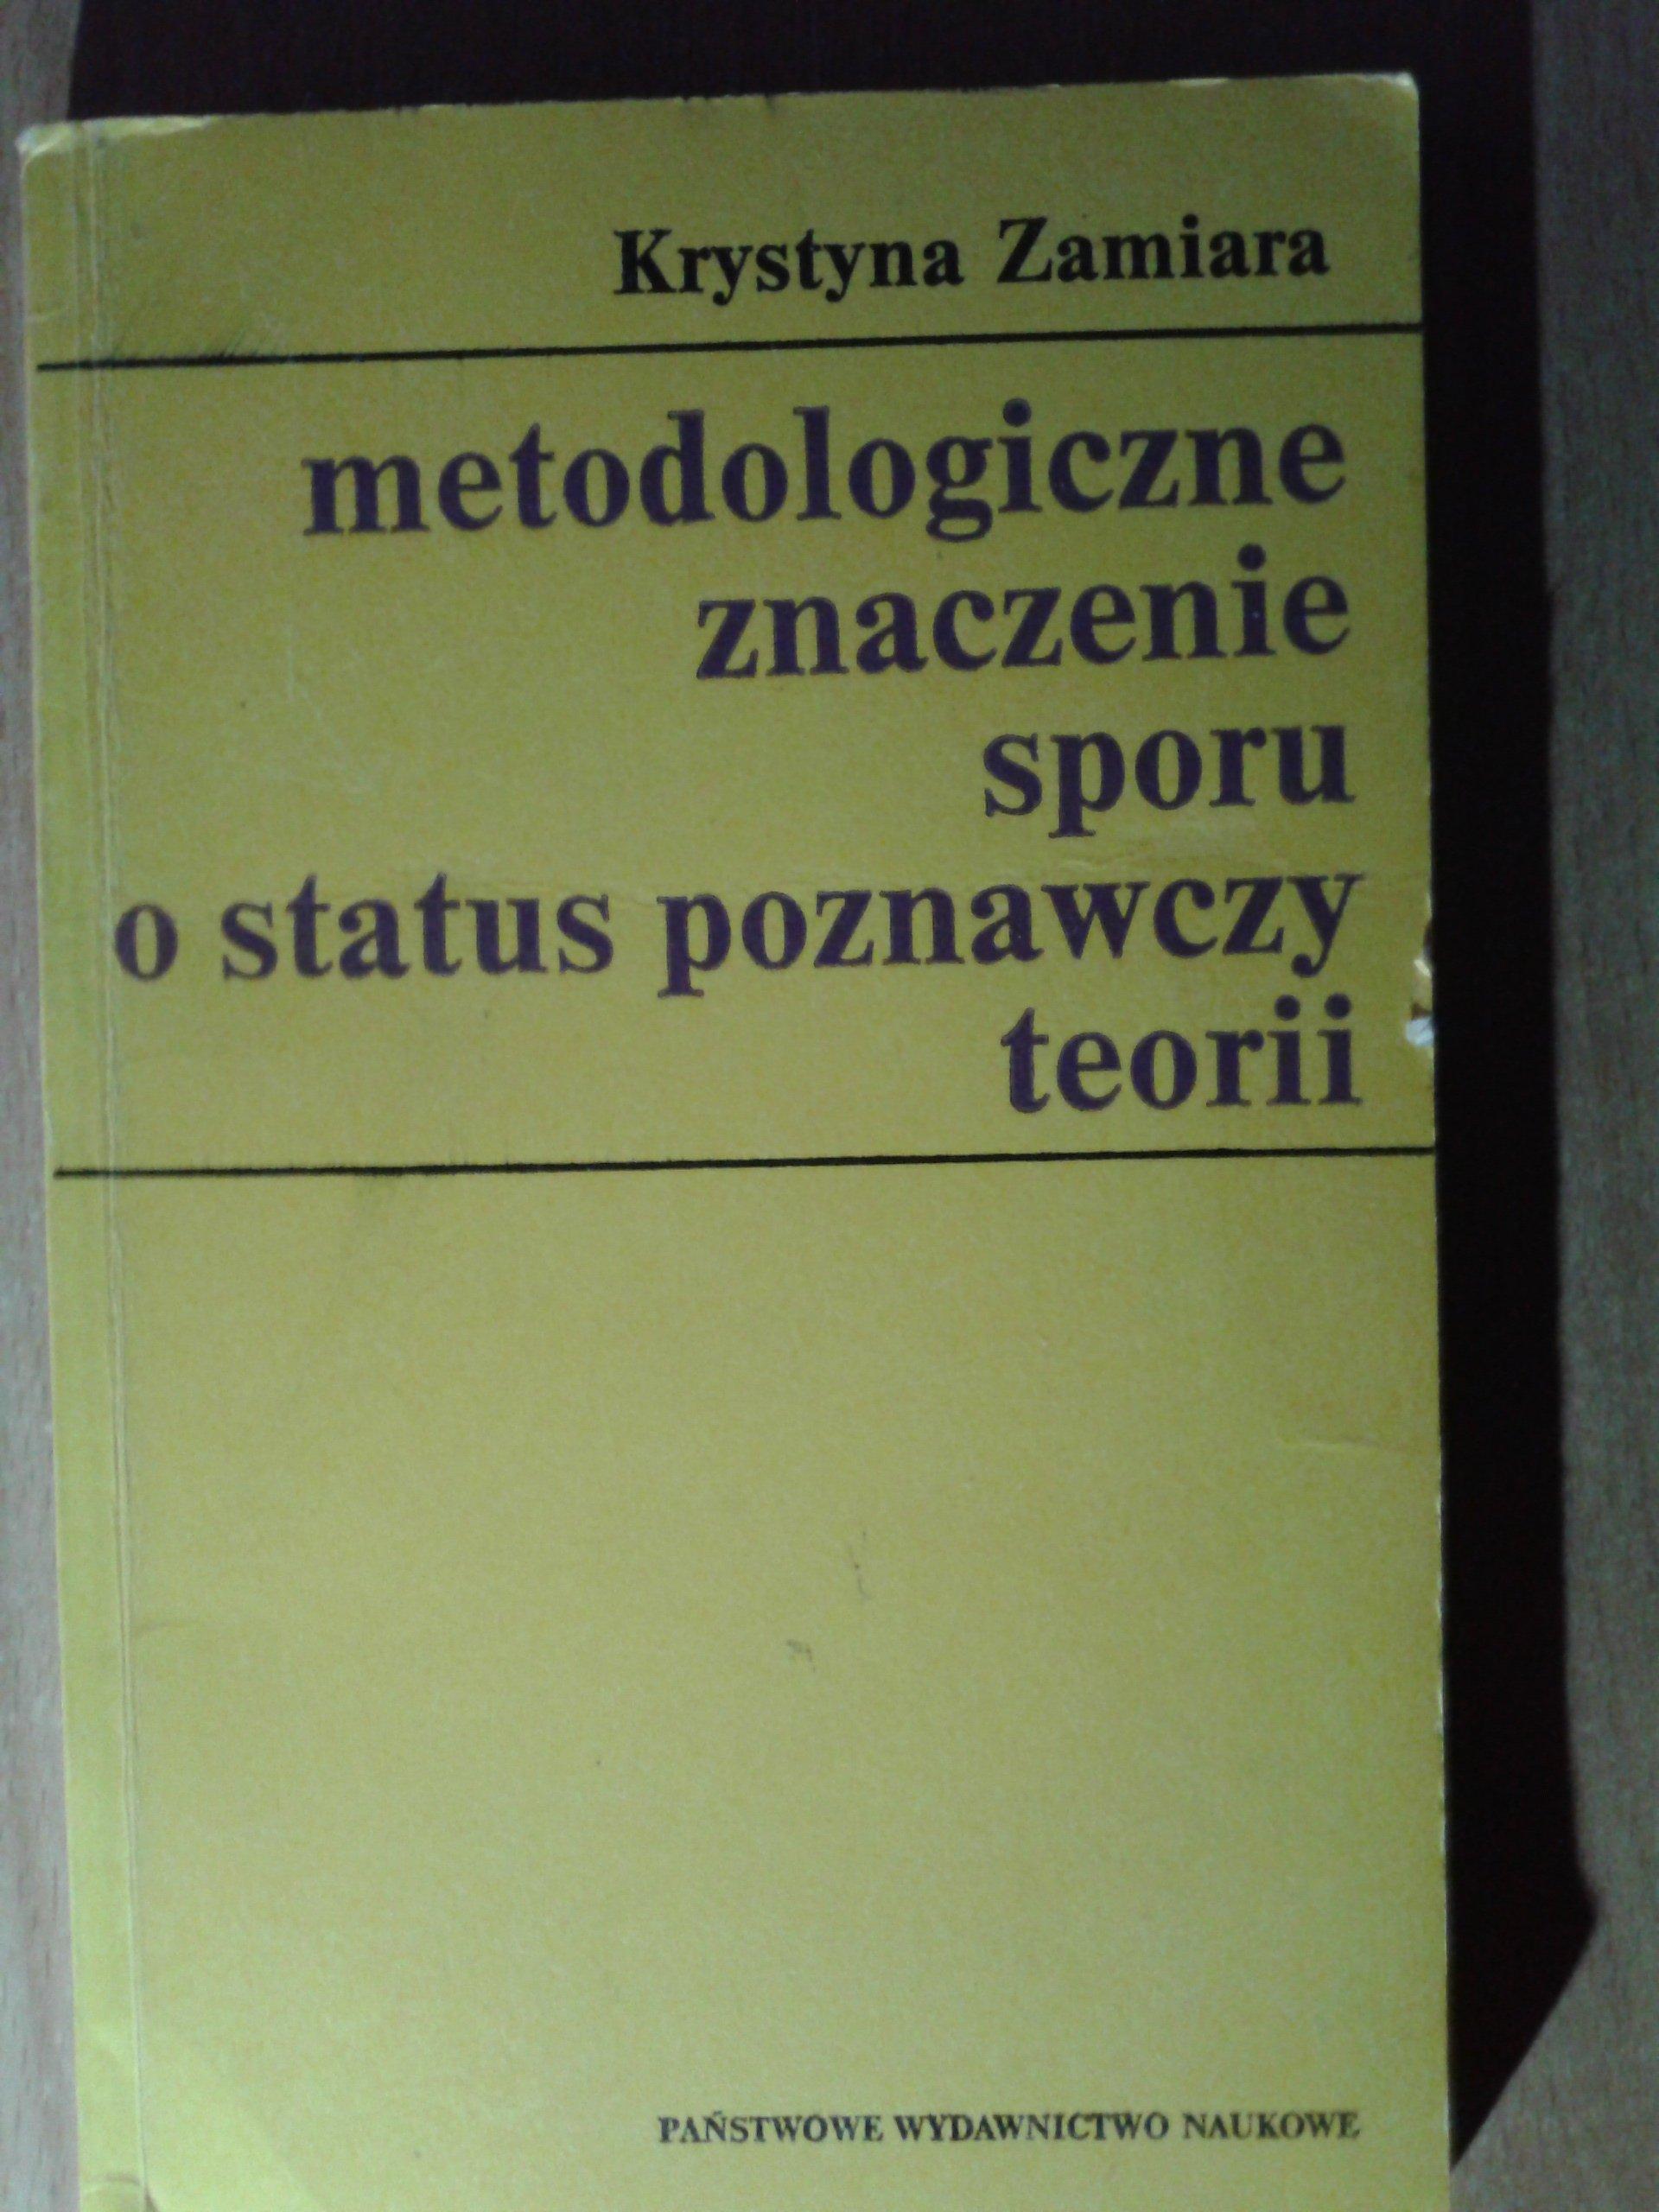 METODOLOGICZNE ZNACZENIE SPORU ZAMIARA